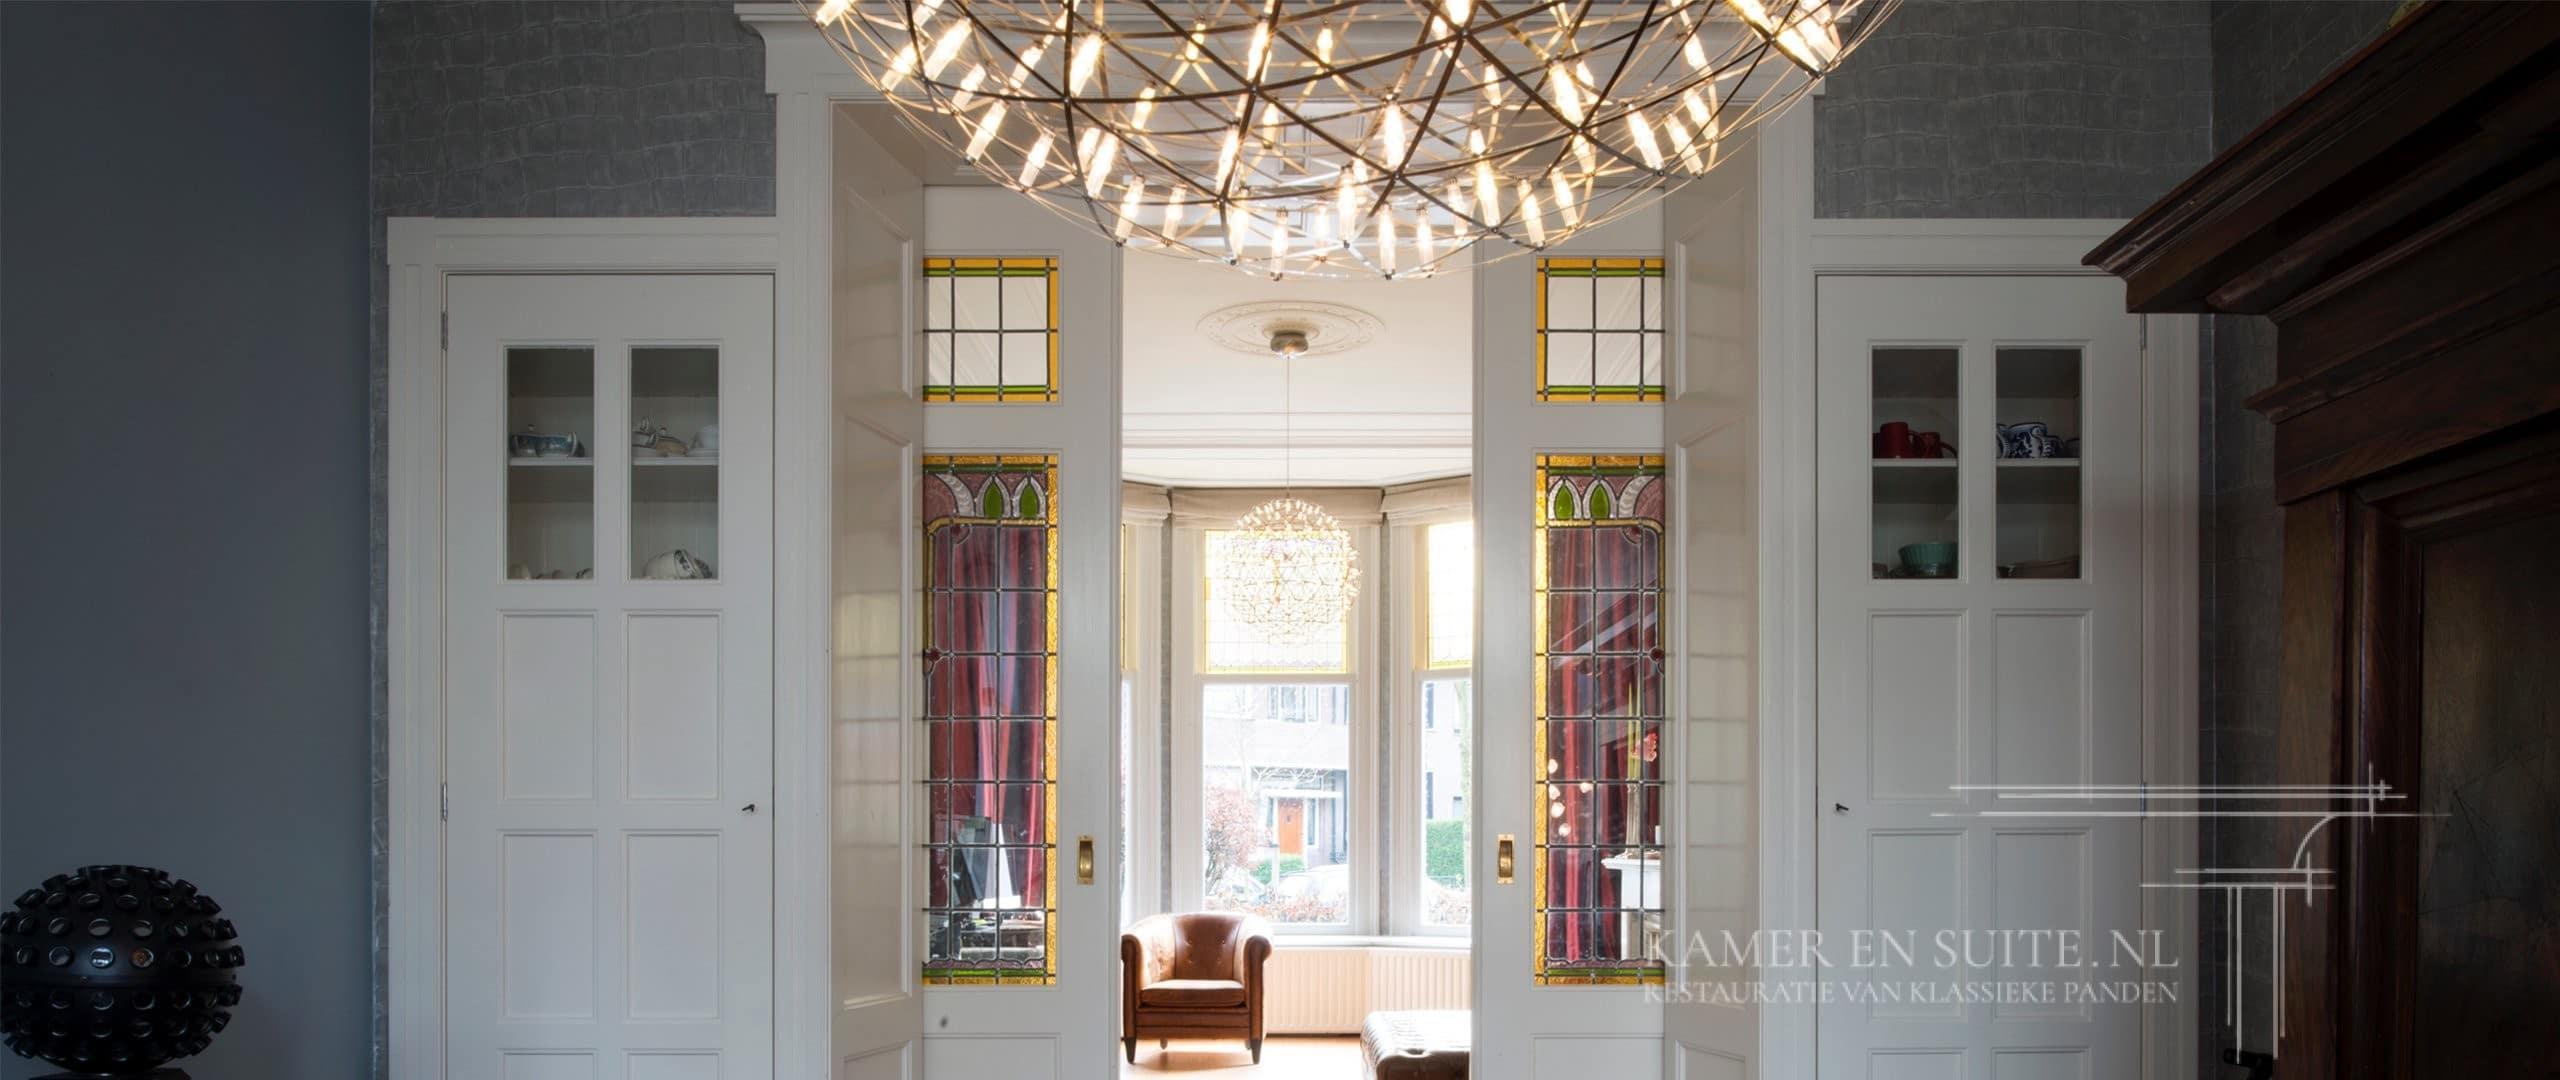 Kamer en suite kast met klassieke glas in lood details